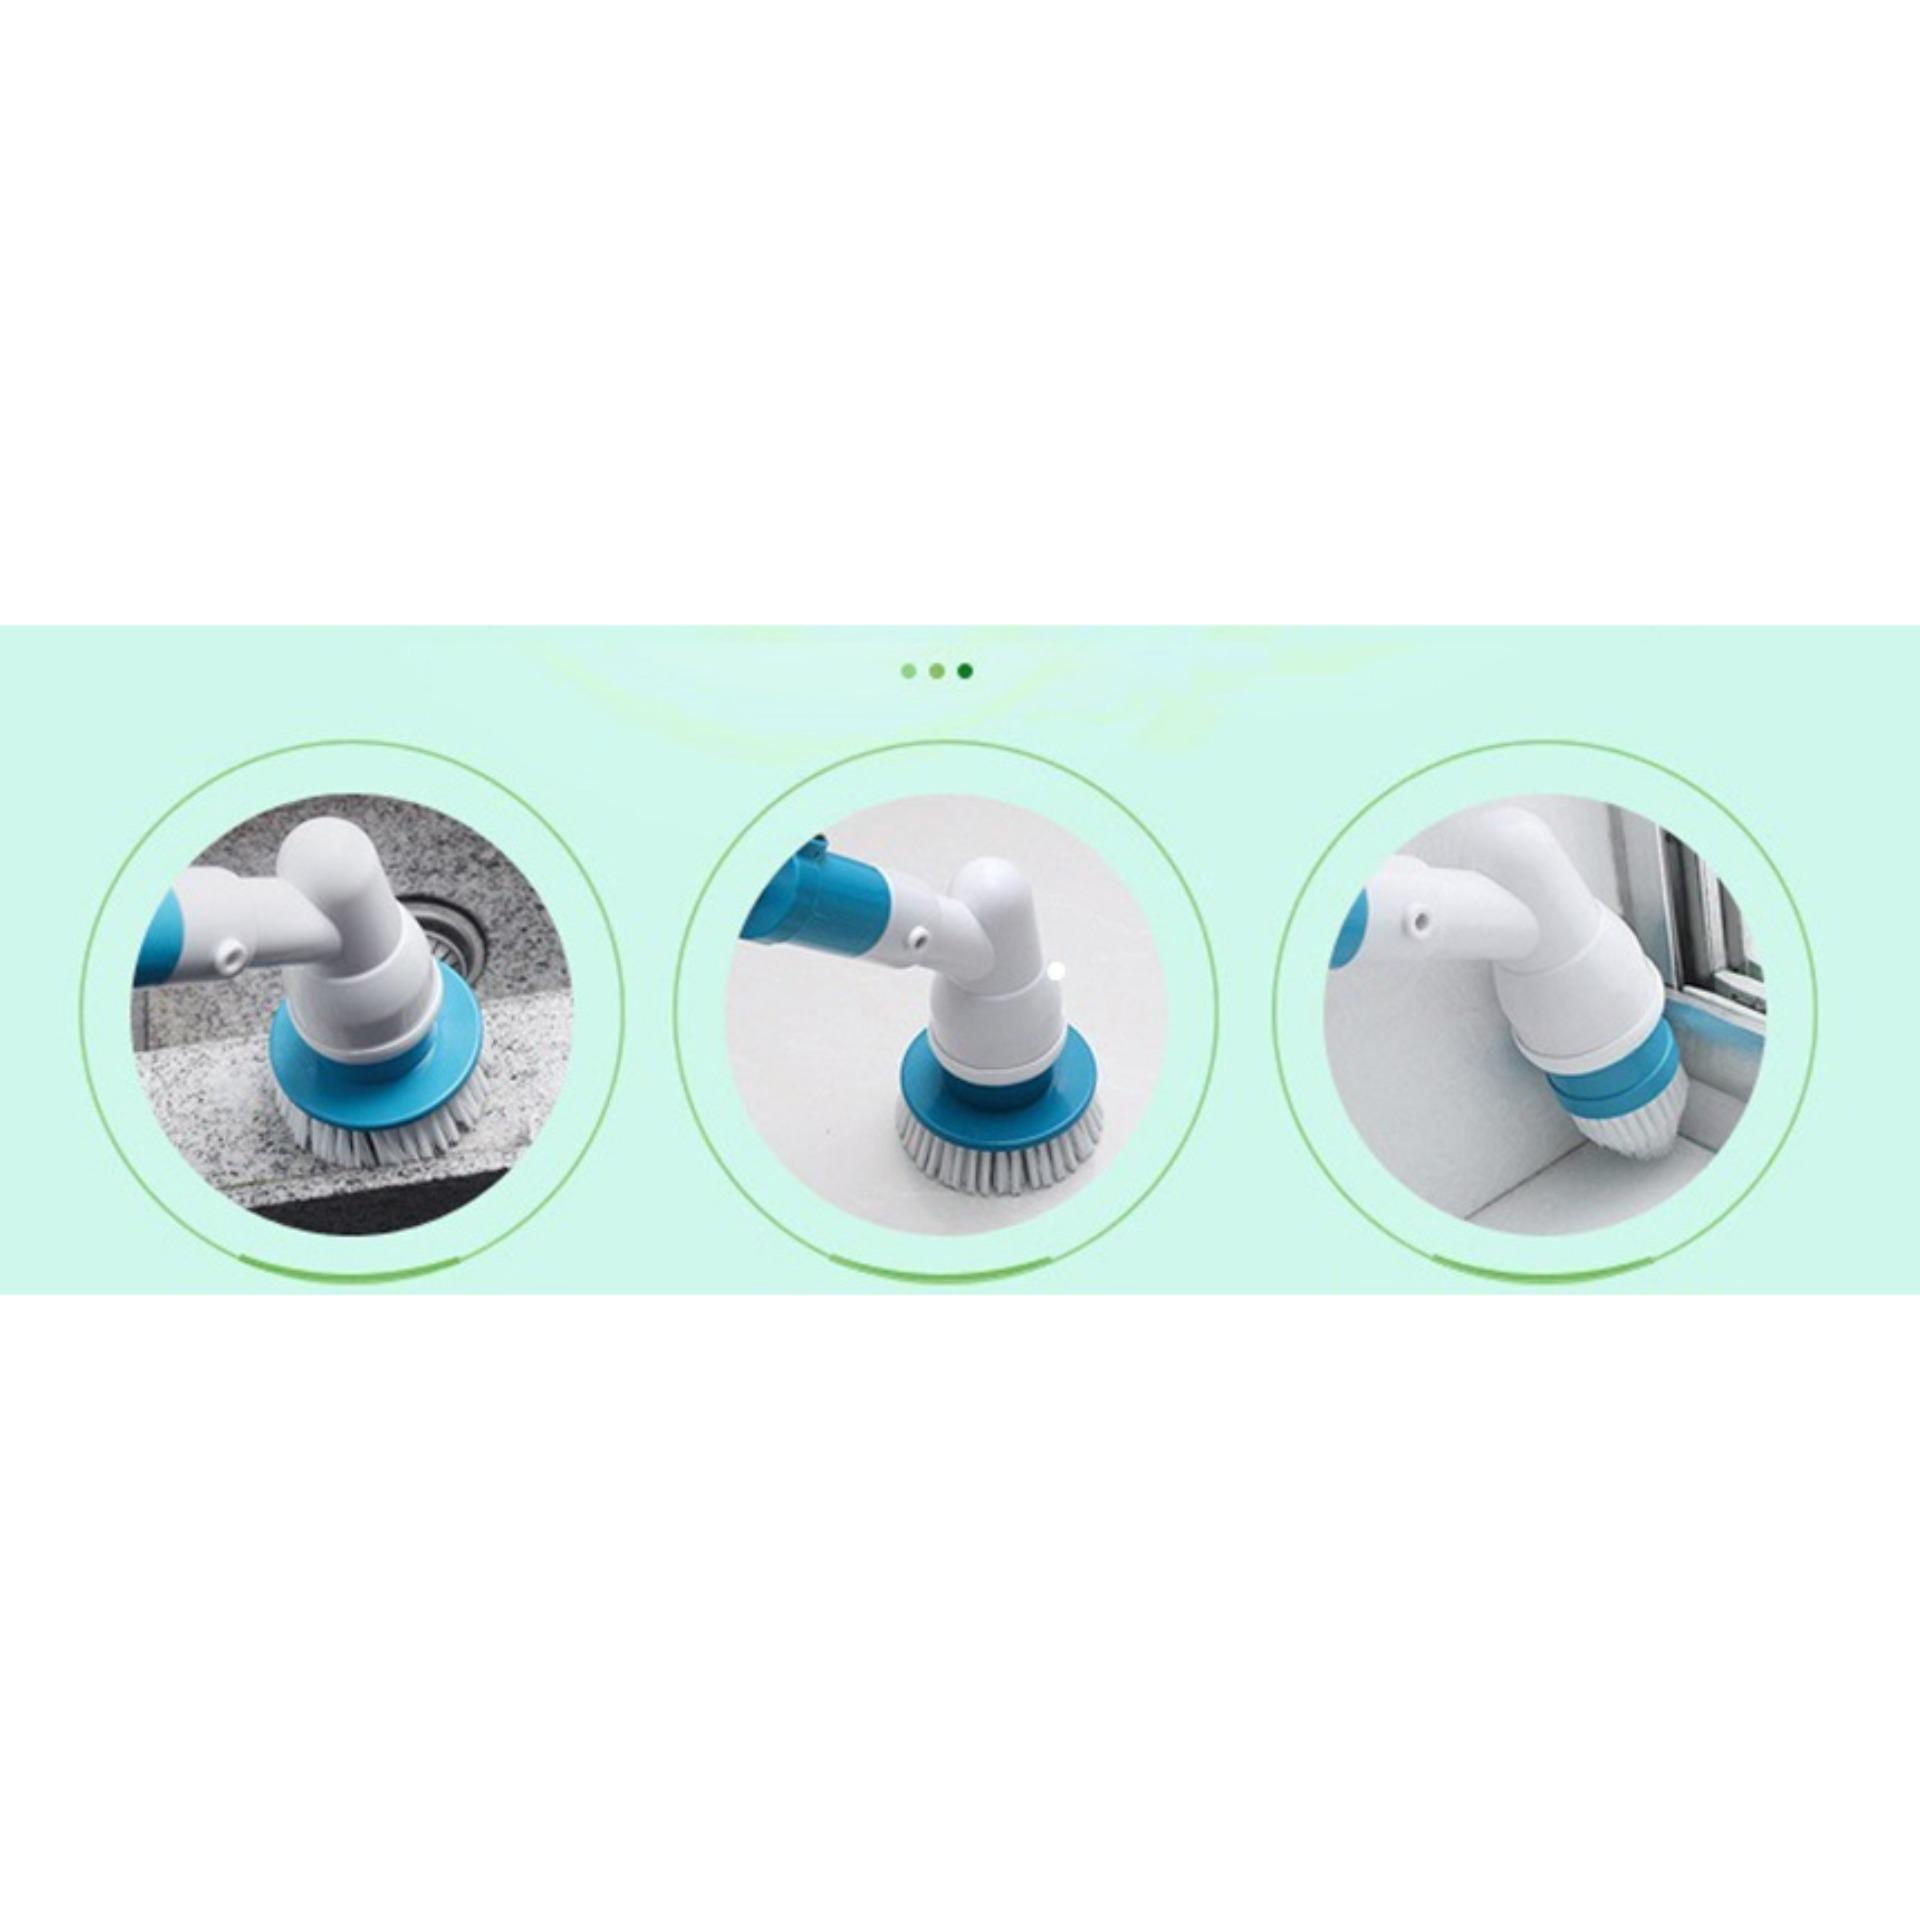 Cay Lau Nhà, Chổi Lau Sàn, Dụng cụ lau nhà cao cấp -chỉ với 1 lần sạc pin có thể sử dụng lên tới 1.5h đồng hồ - BH 6 tháng